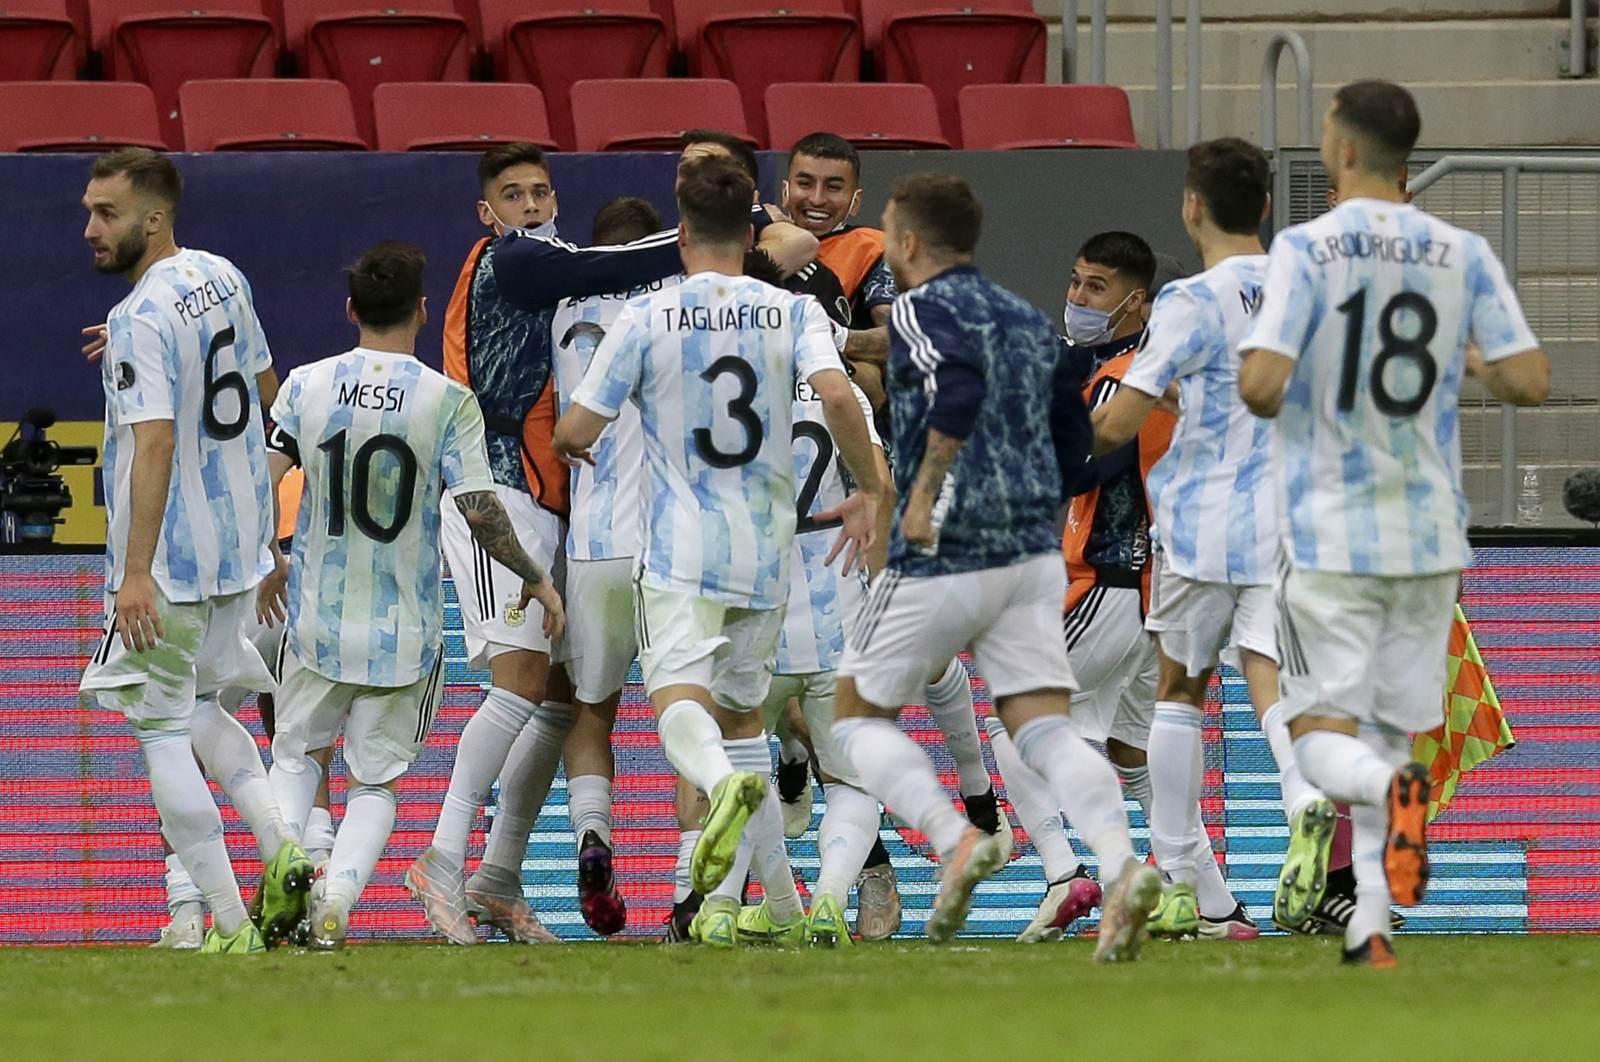 Появилось видео из победной раздевалки сборной Аргентины